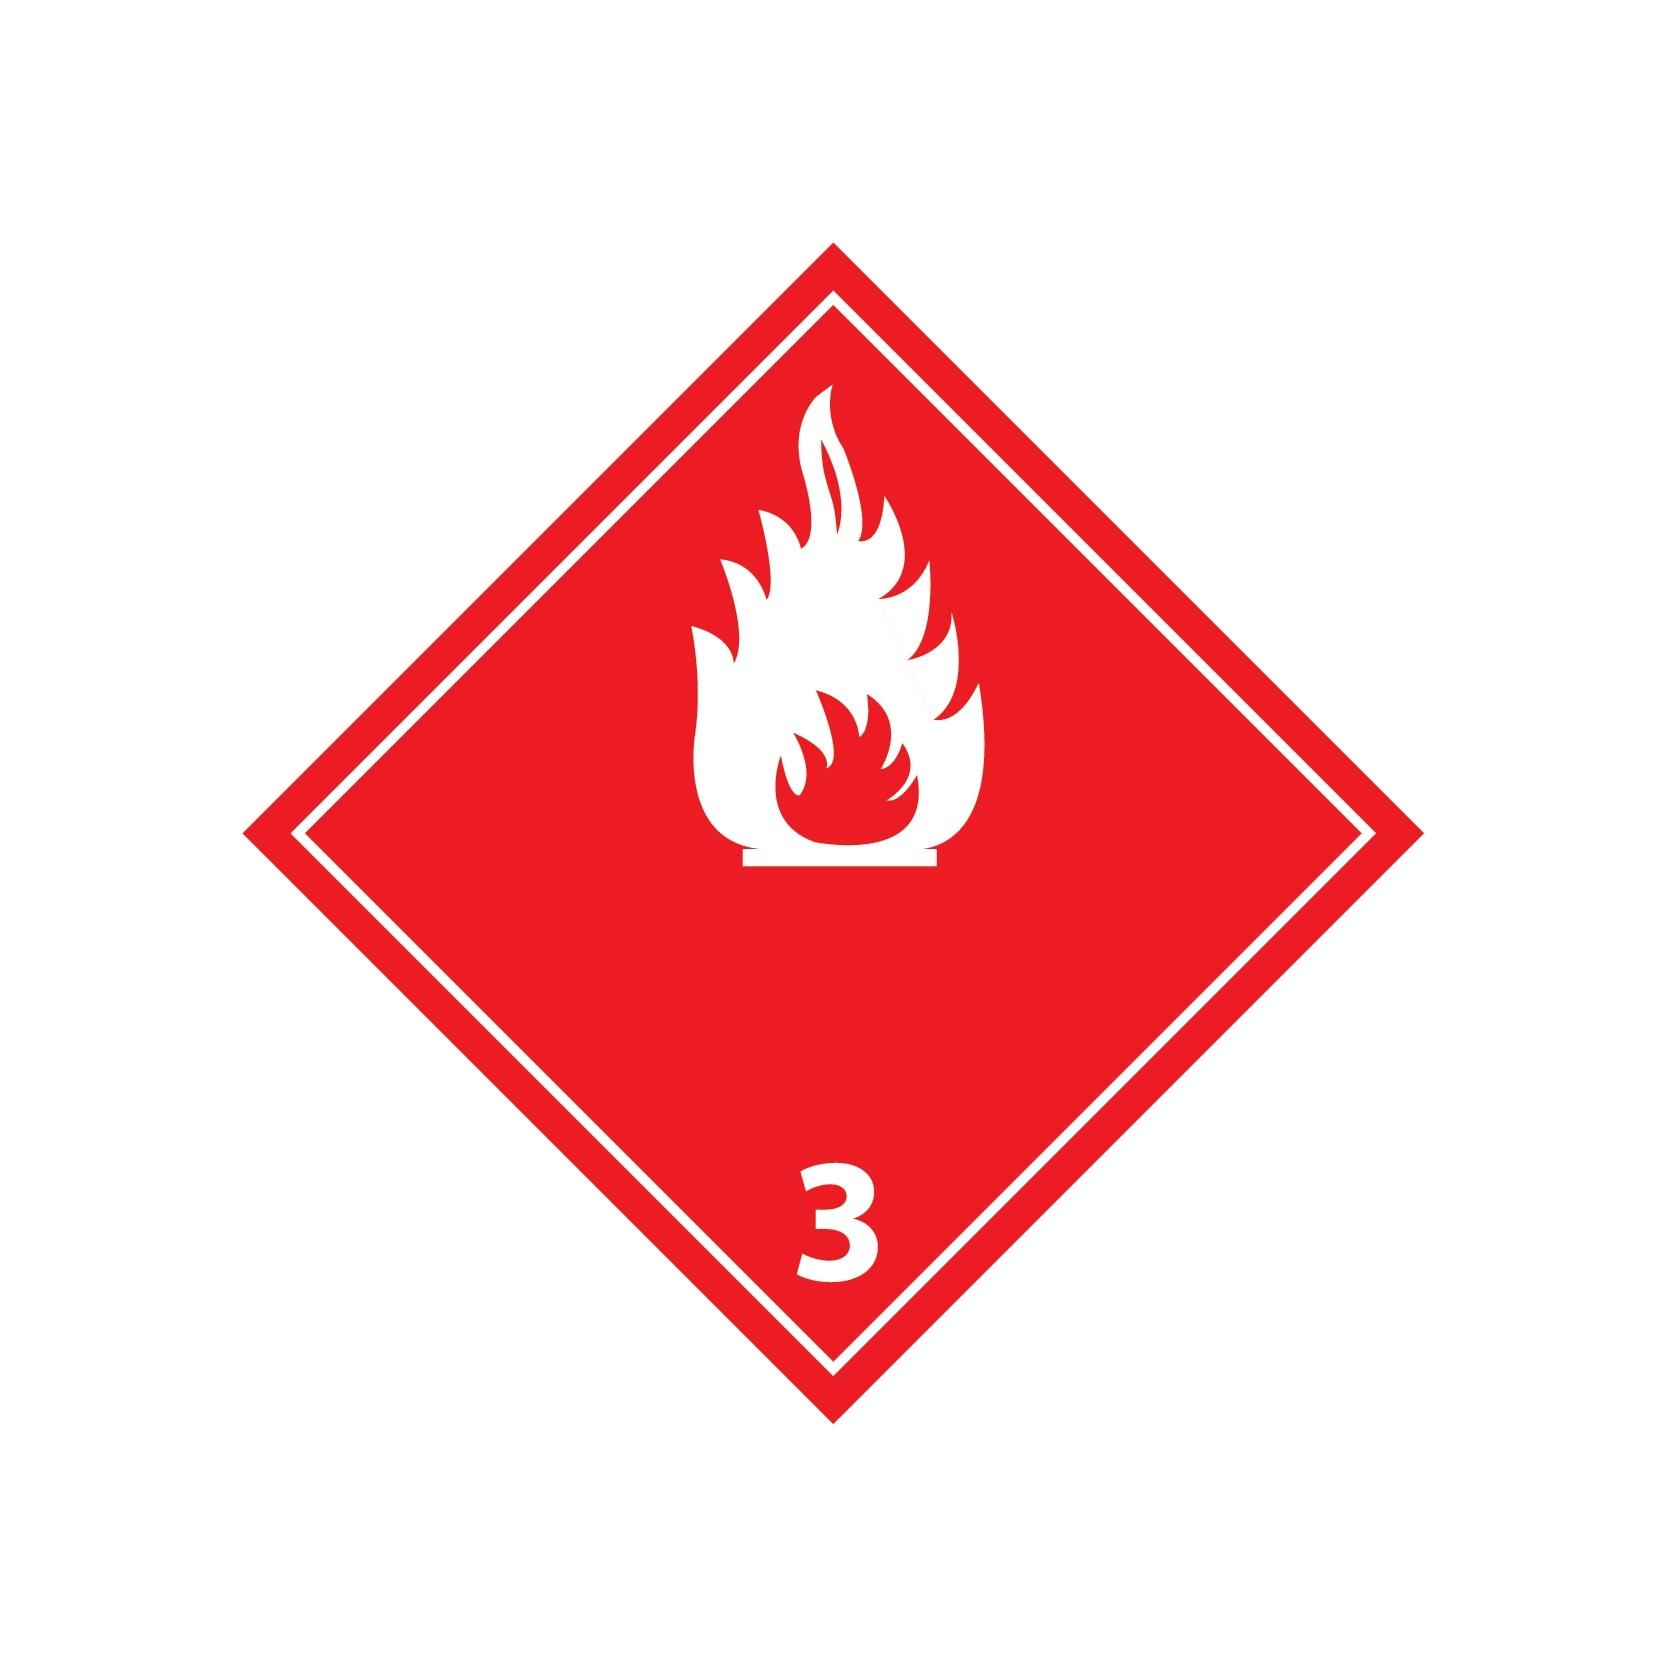 Brennbare Flüssigkeiten 3 Sticker